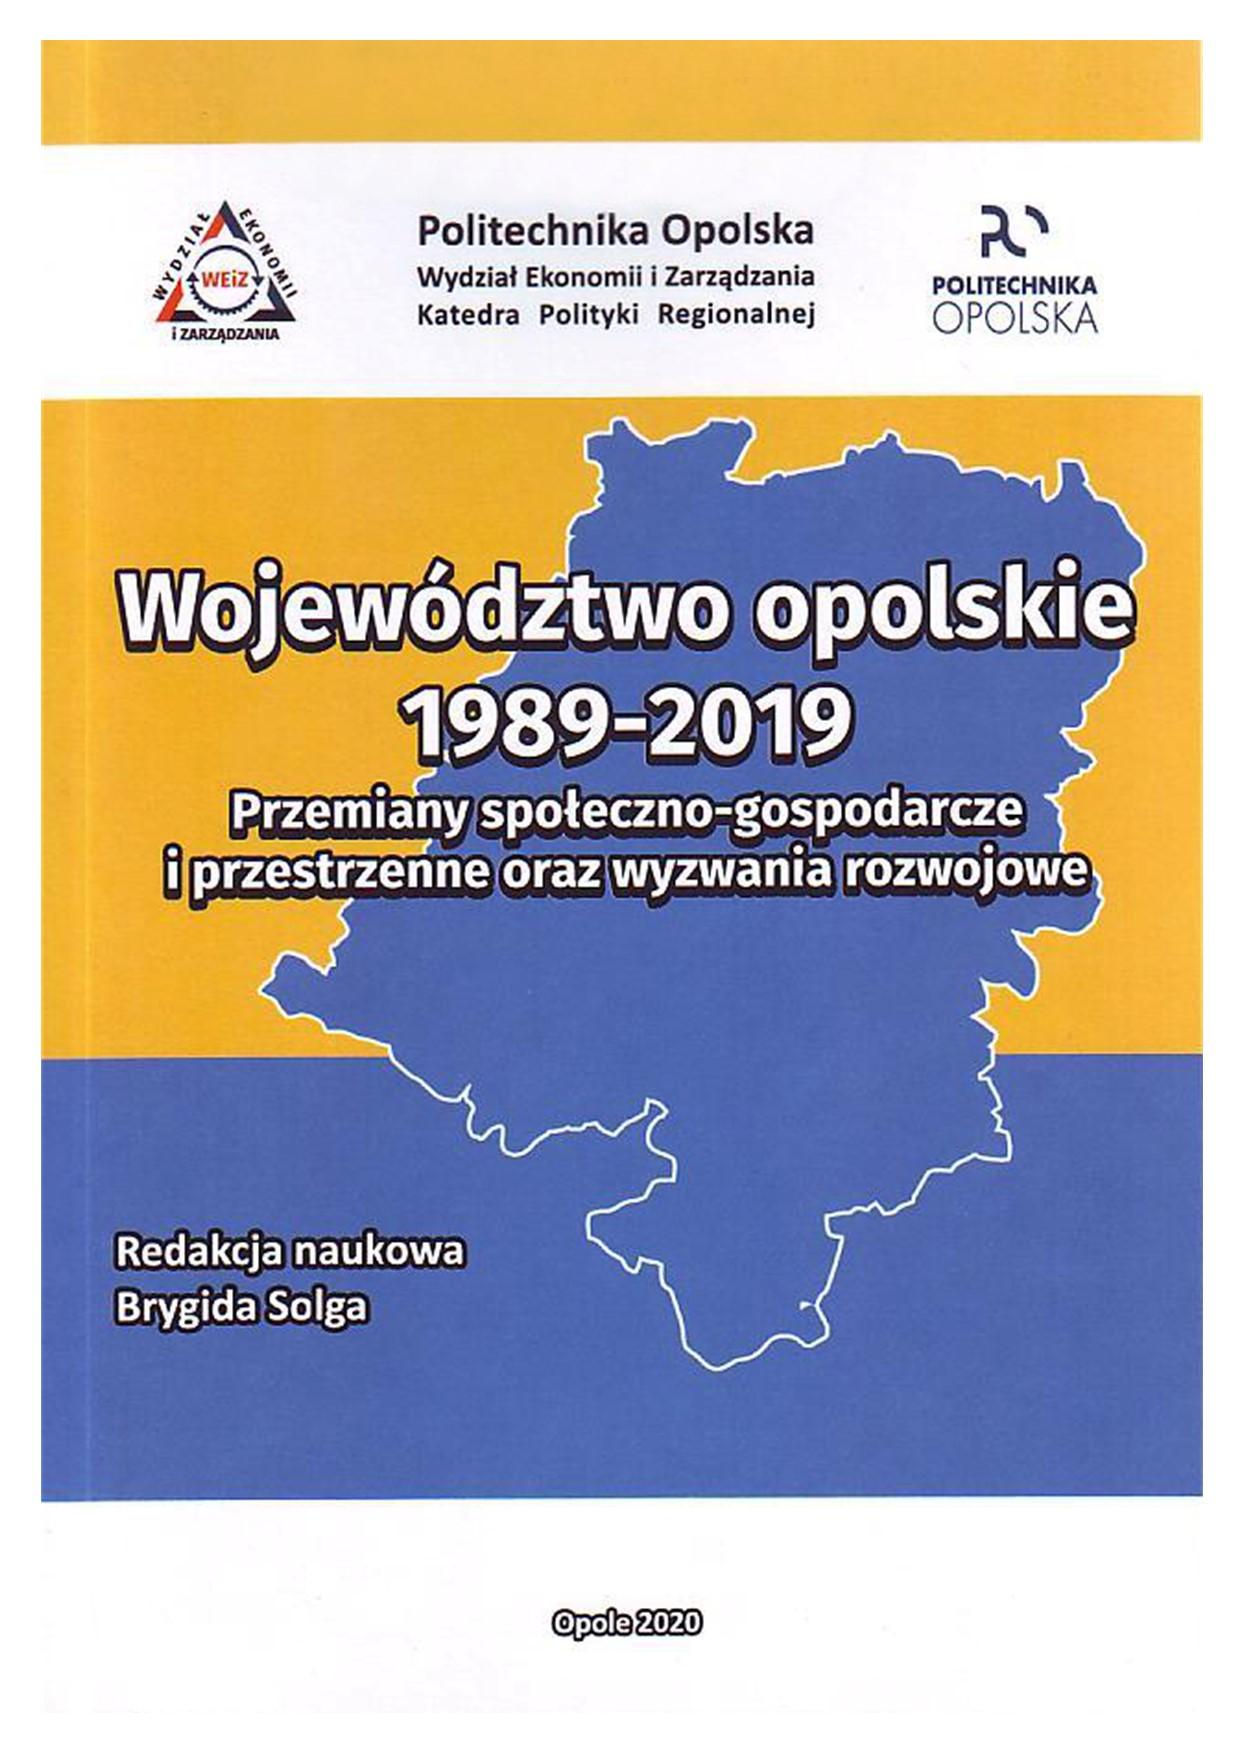 Województwo opolskie 1989-2019 : przemiany społeczno-gospodarcze i przestrzenne oraz wyzwania rozwojowe